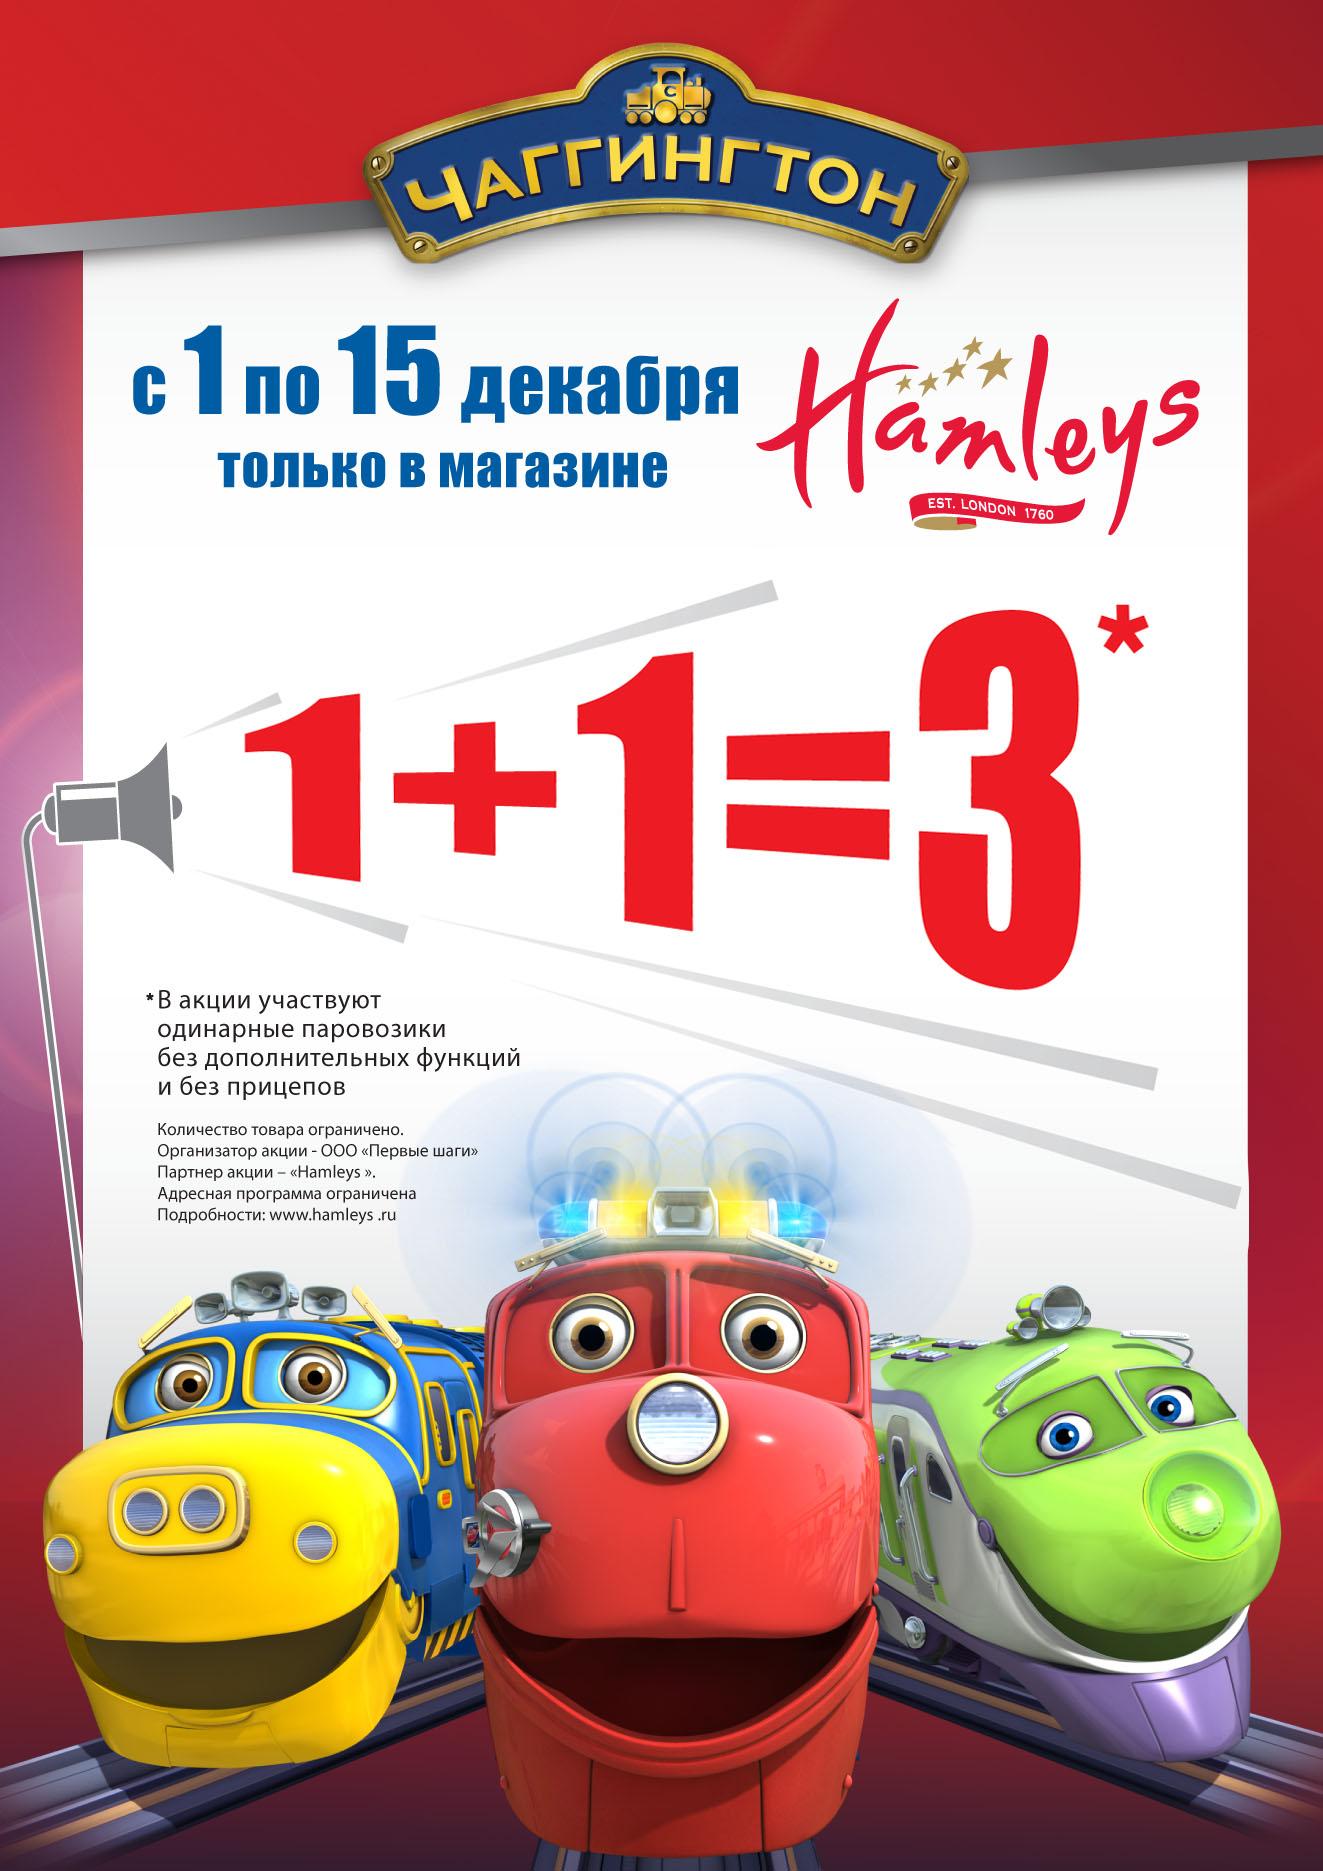 Листовка А4 для акции в сети магазинов Hamleys